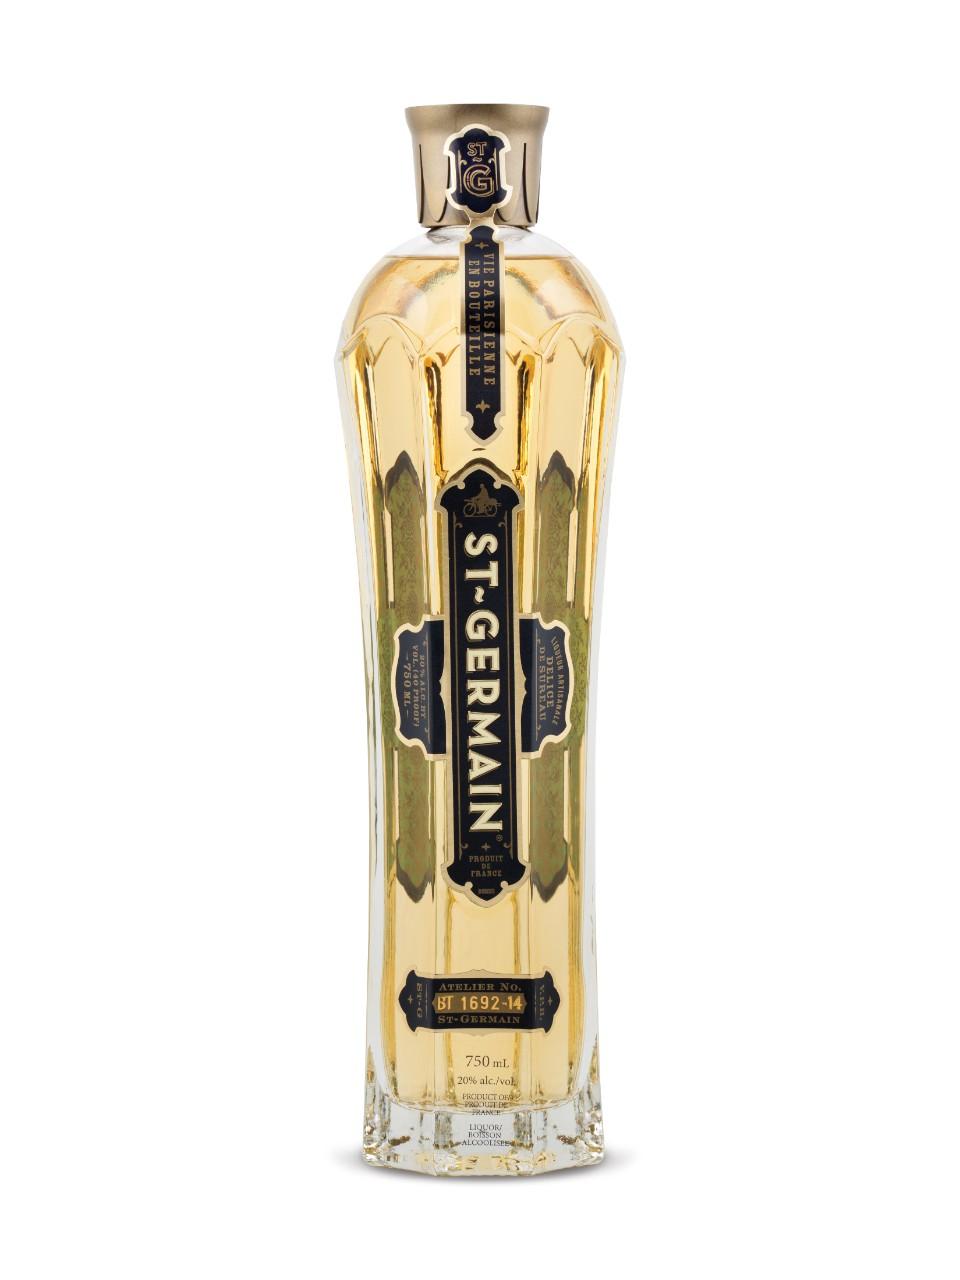 St Germain Elderflower Liqueur Lcbo